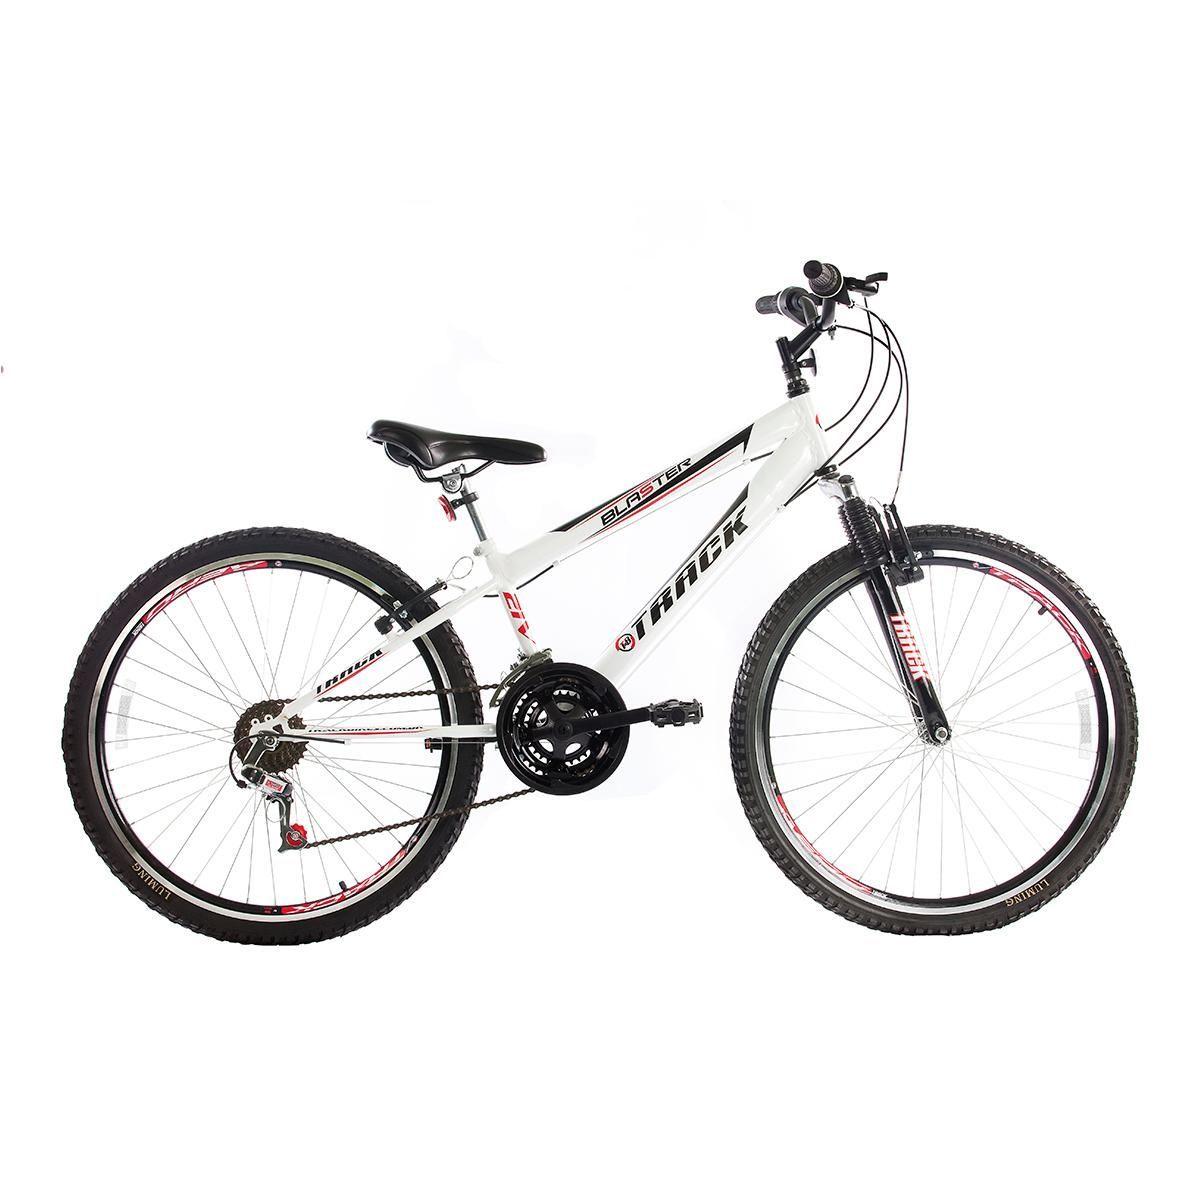 Bicicleta Track & Bikes Aro 26 Blaster 21 Velocidades Suspensão Dianteira